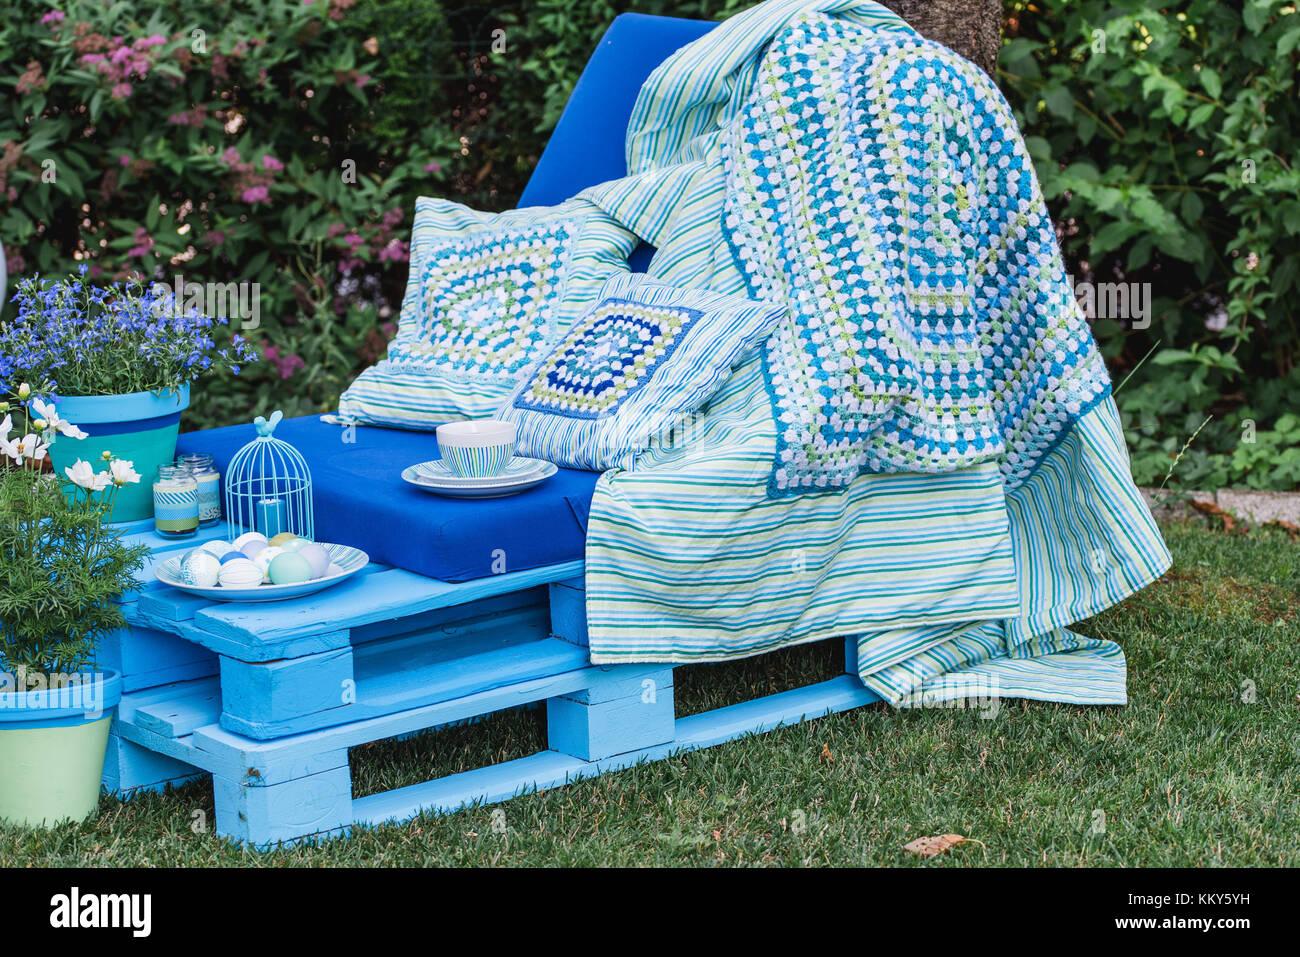 garten sofa aus paletten ostern dekoration blumen. Black Bedroom Furniture Sets. Home Design Ideas